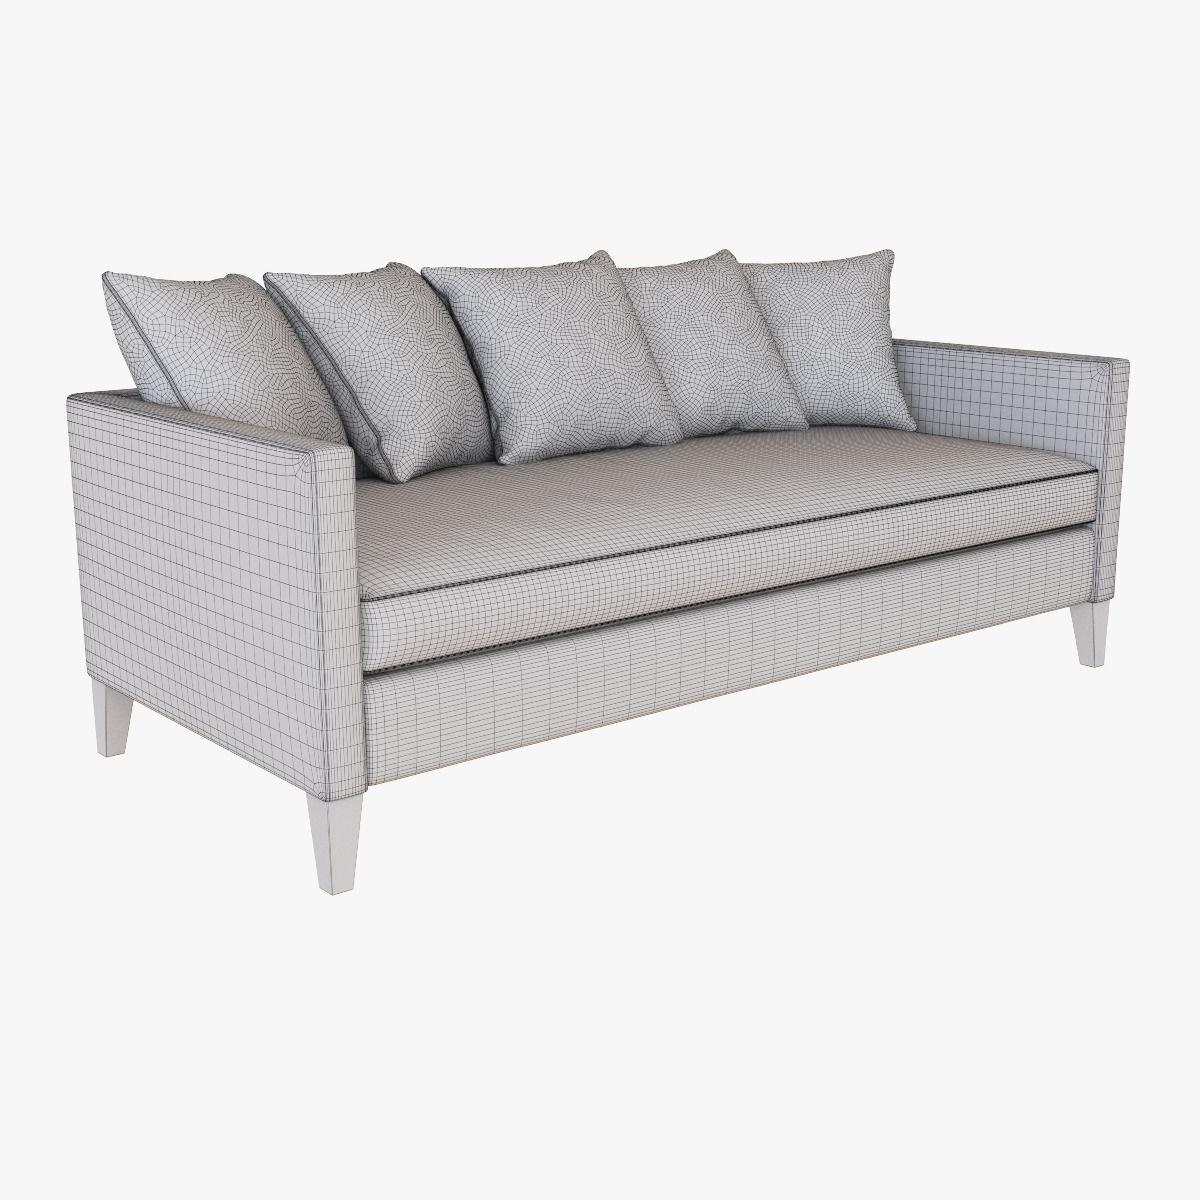 ... West Elm Dunham Down Filled Sofa   Toss Back 3d Model Max Obj Fbx Mtl  ...